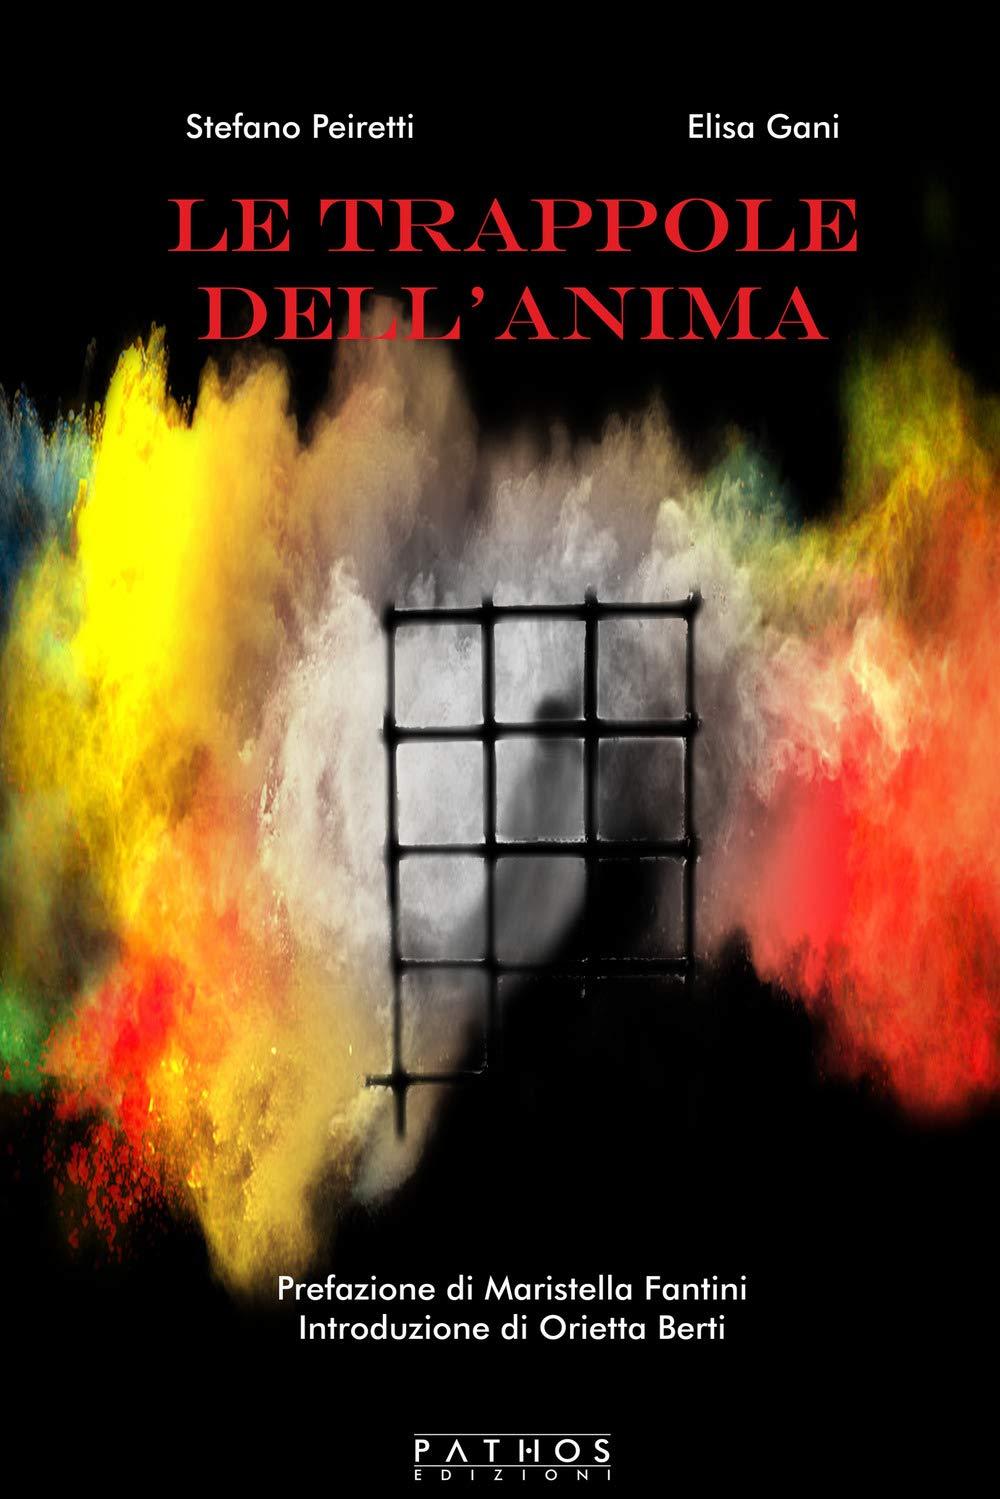 LE TRAPPOLE DELL'ANIMA Book Cover